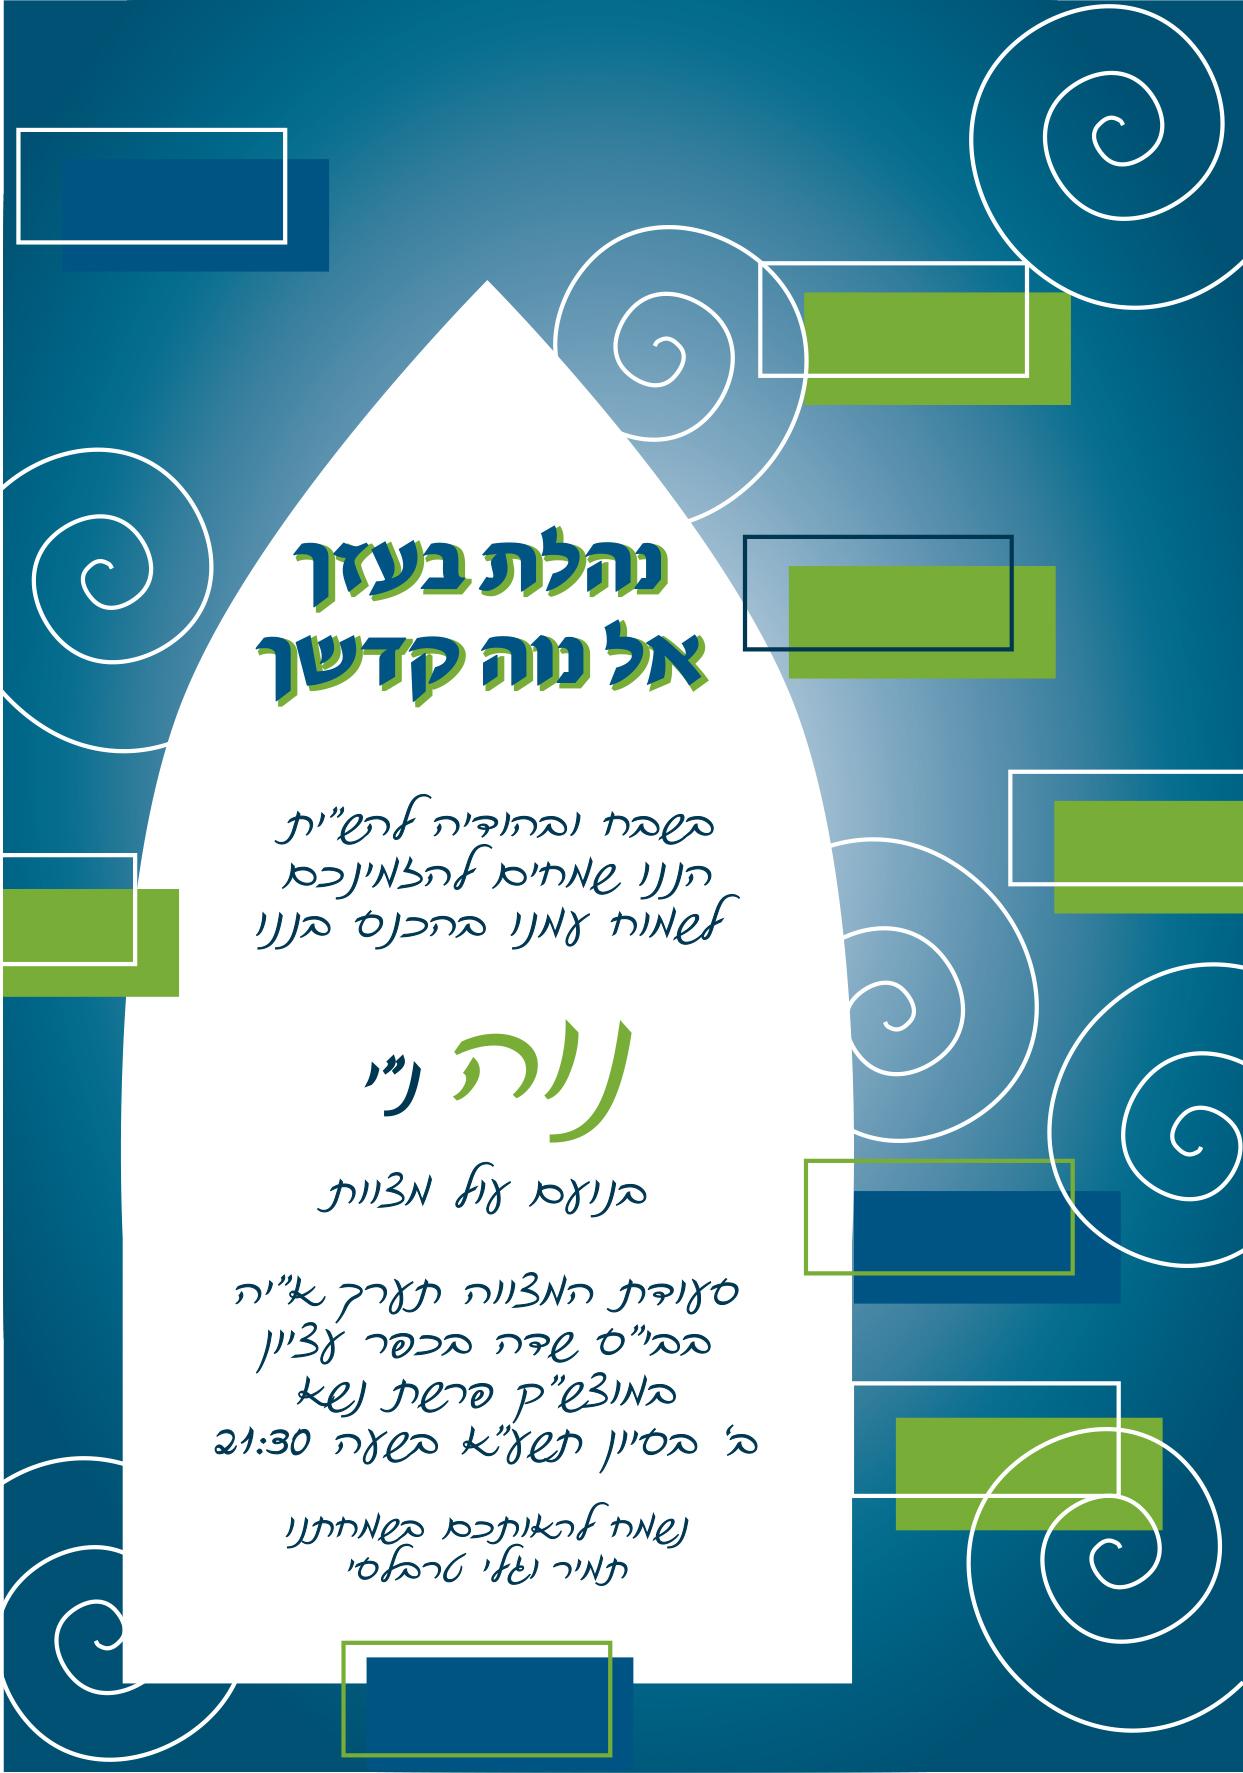 הזמנה לבר מצוה ביום ירושלים